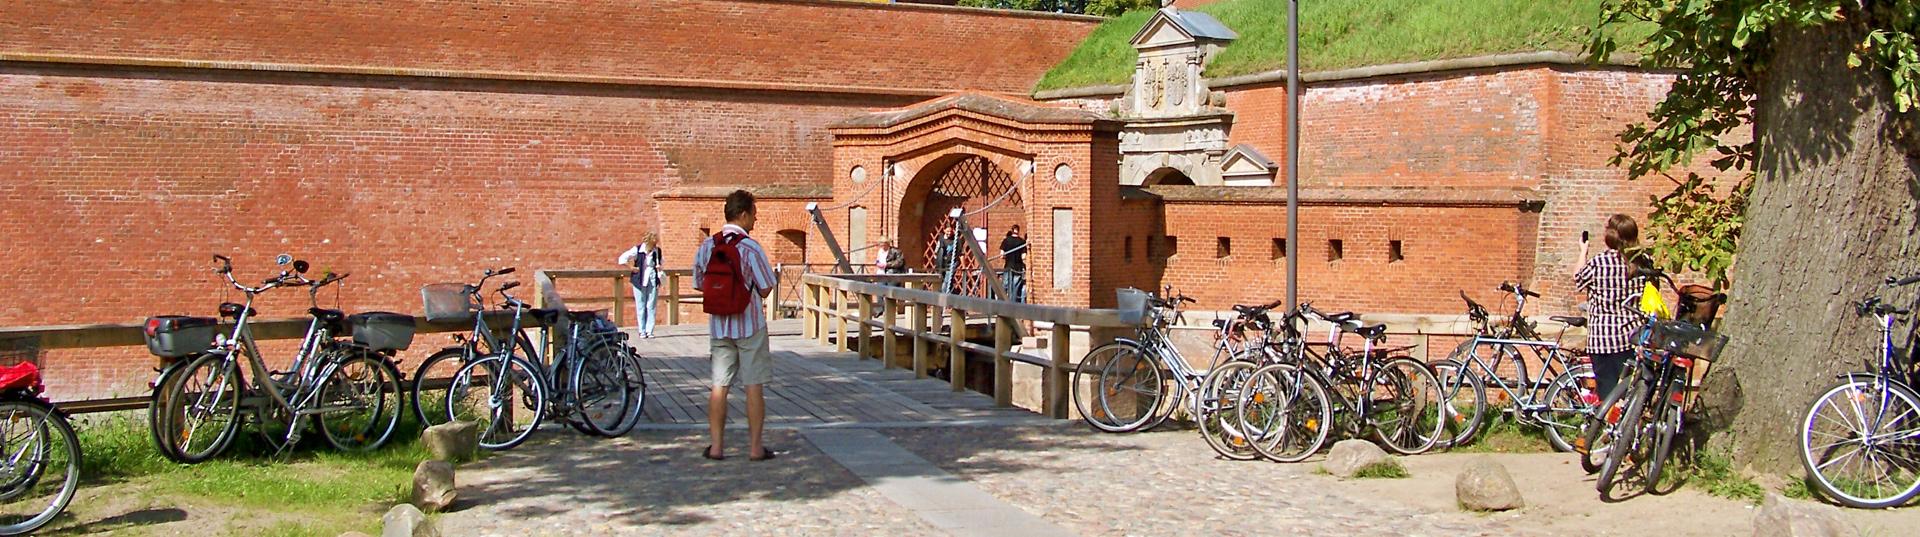 Festung-in-Doemitz_Foto-von-Joerg-Reichel